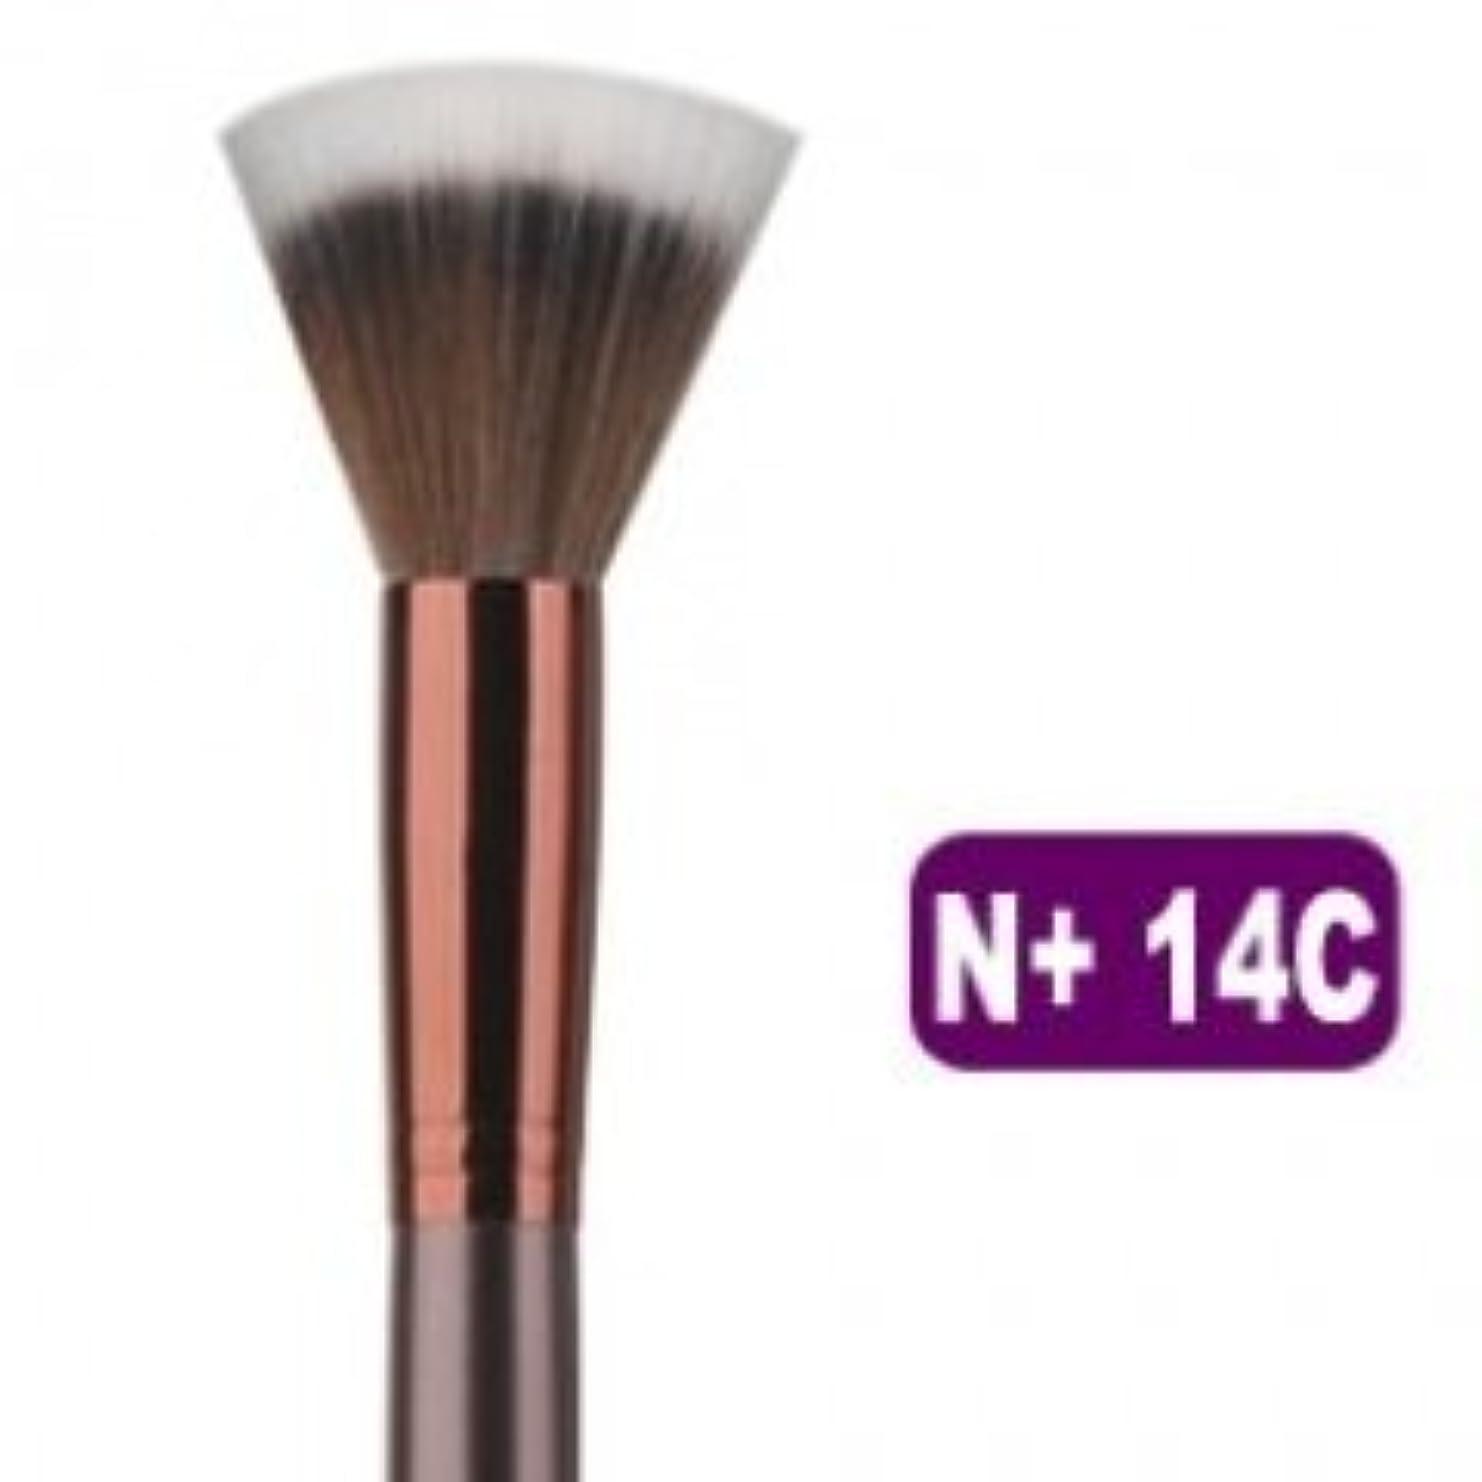 キラウエア山穀物だますメイクブラシ 化粧筆 フェイスブラシ スティプリングブラシ N+ 14C